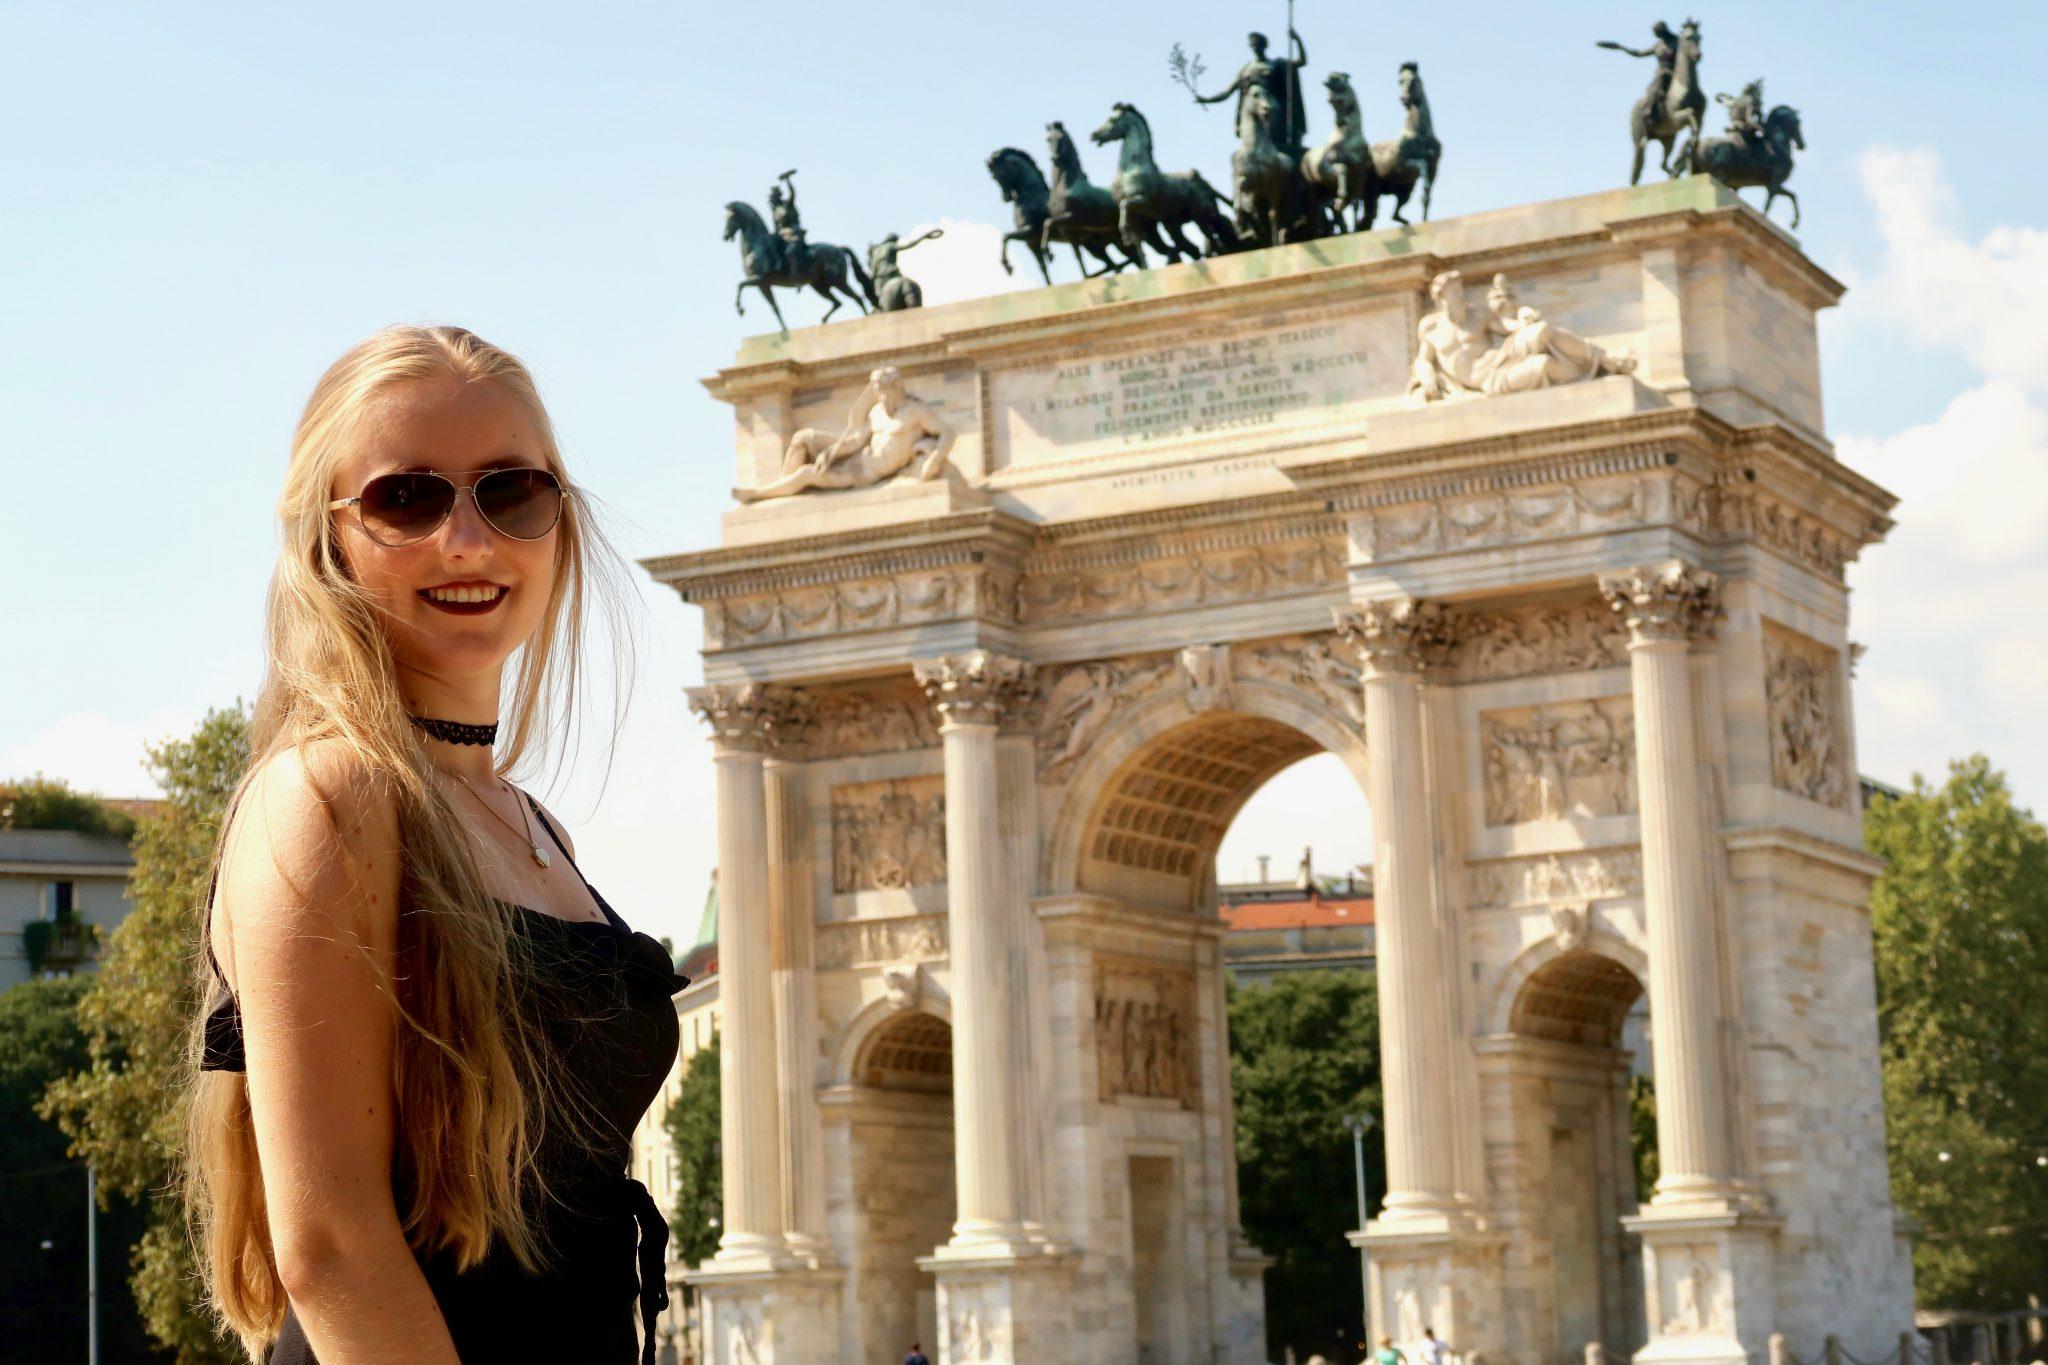 Mailand: L'arco della pace / Arch of Peace (ähnelt irgendwie dem Brandenburger Tor in Berlin, oder?